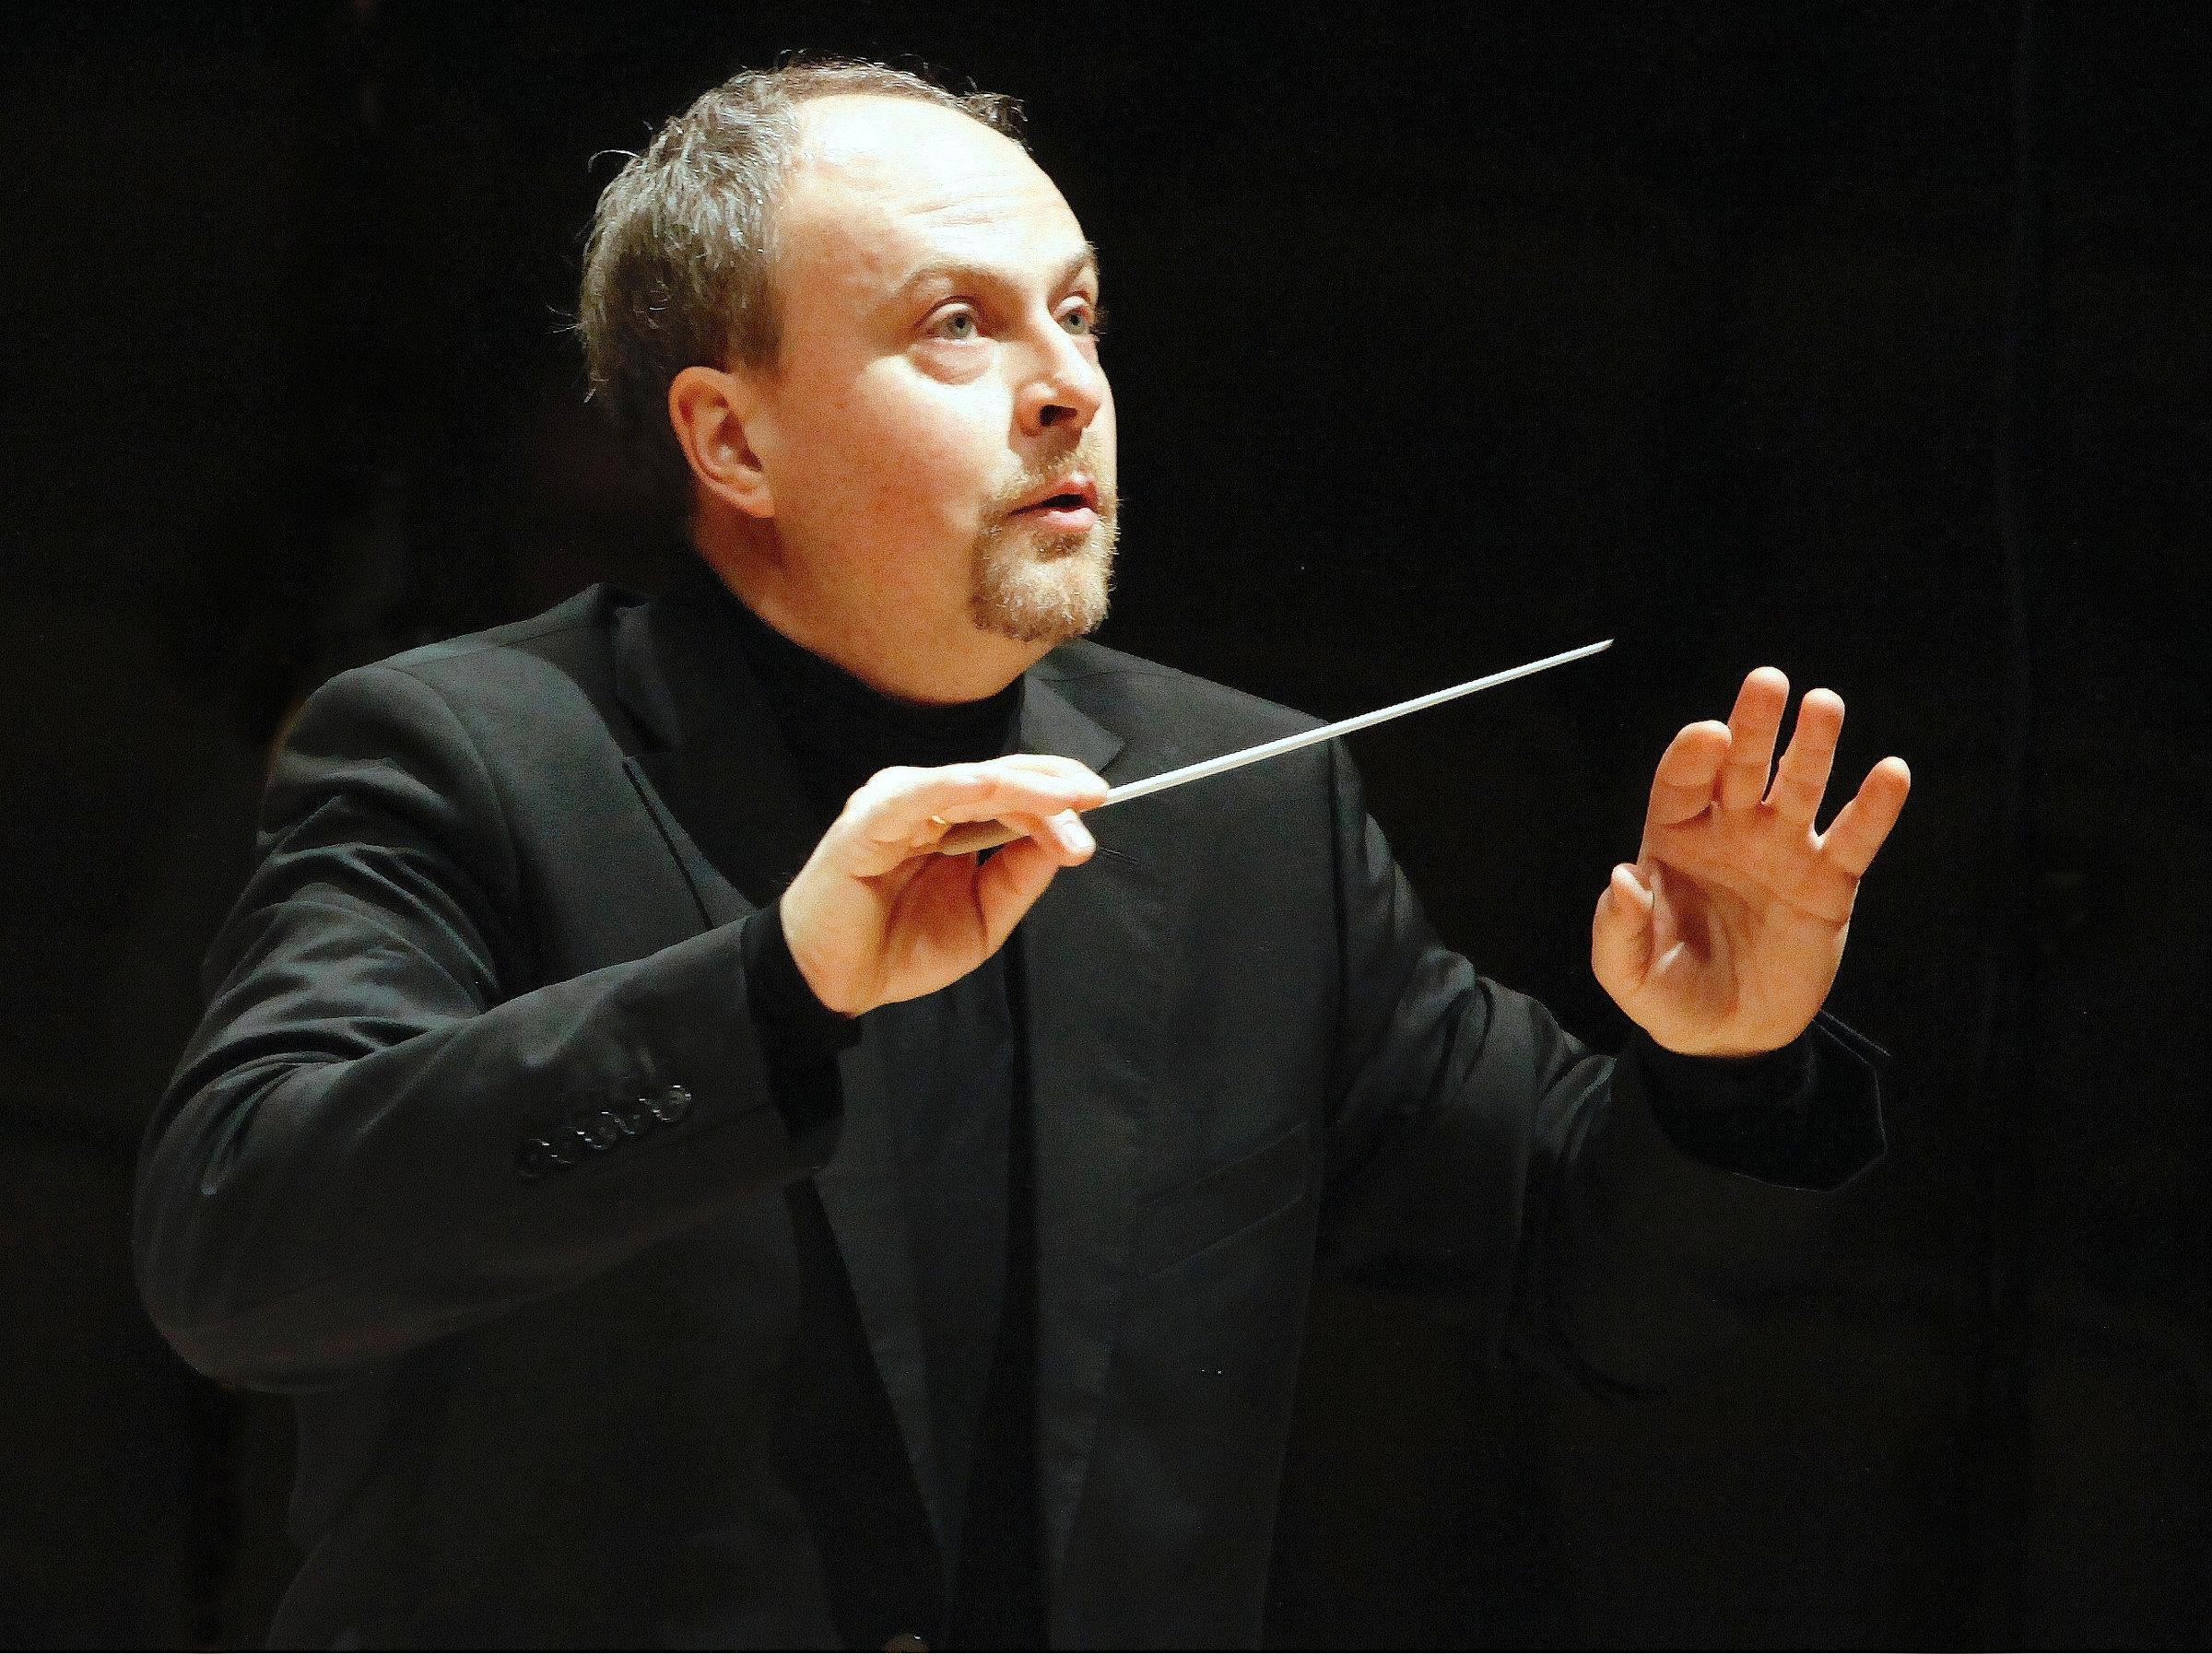 Concerto Internacional em Piracicaba: o maestro alemão Harmut Rohde e o violista Renato Bandel são os convidados do Projeto Jovens Músicos.